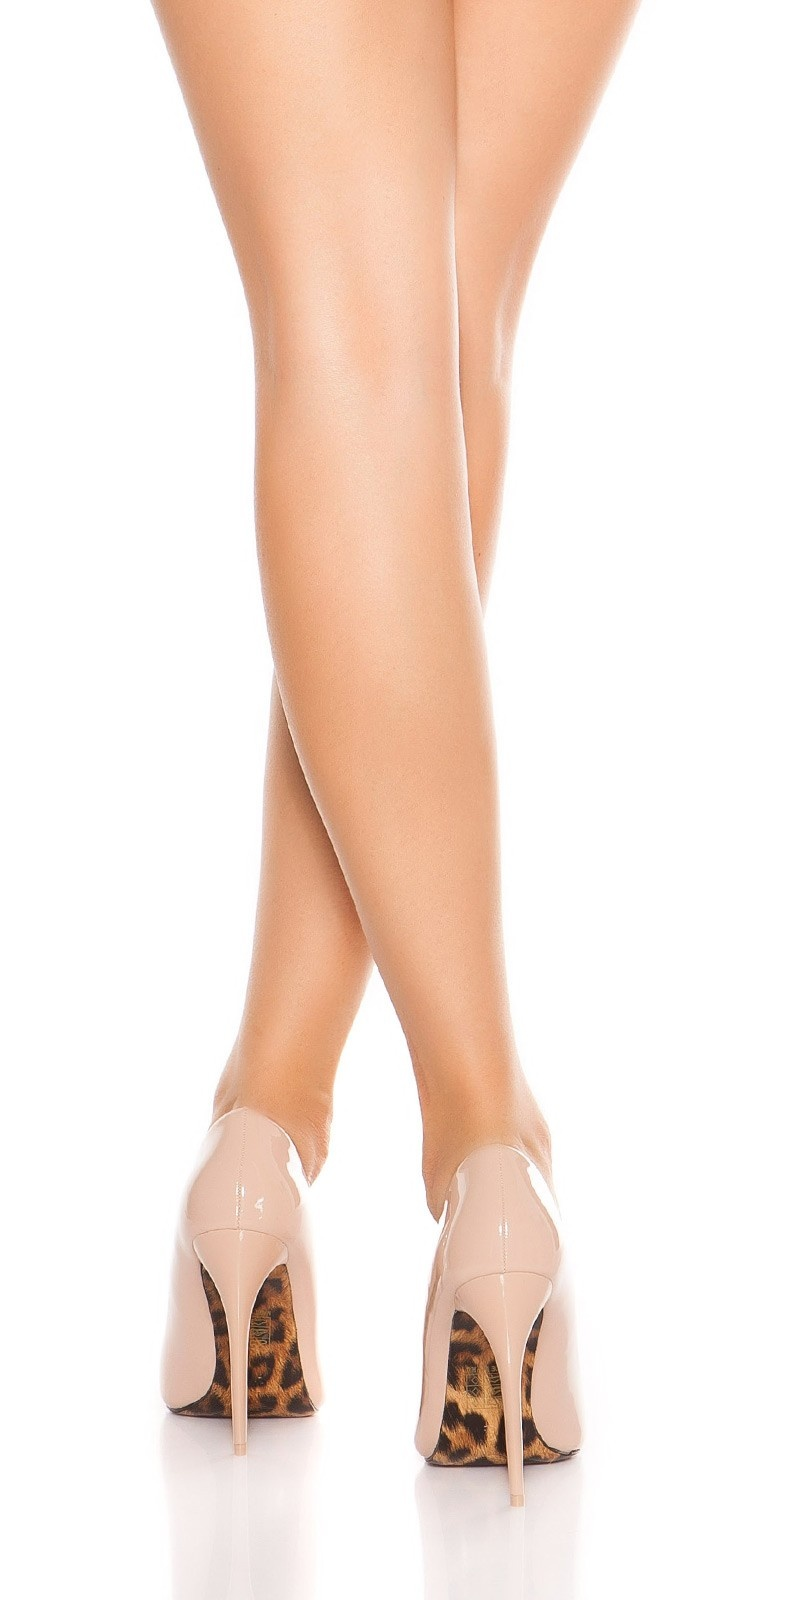 Sexy High Heels with leo soles Beige